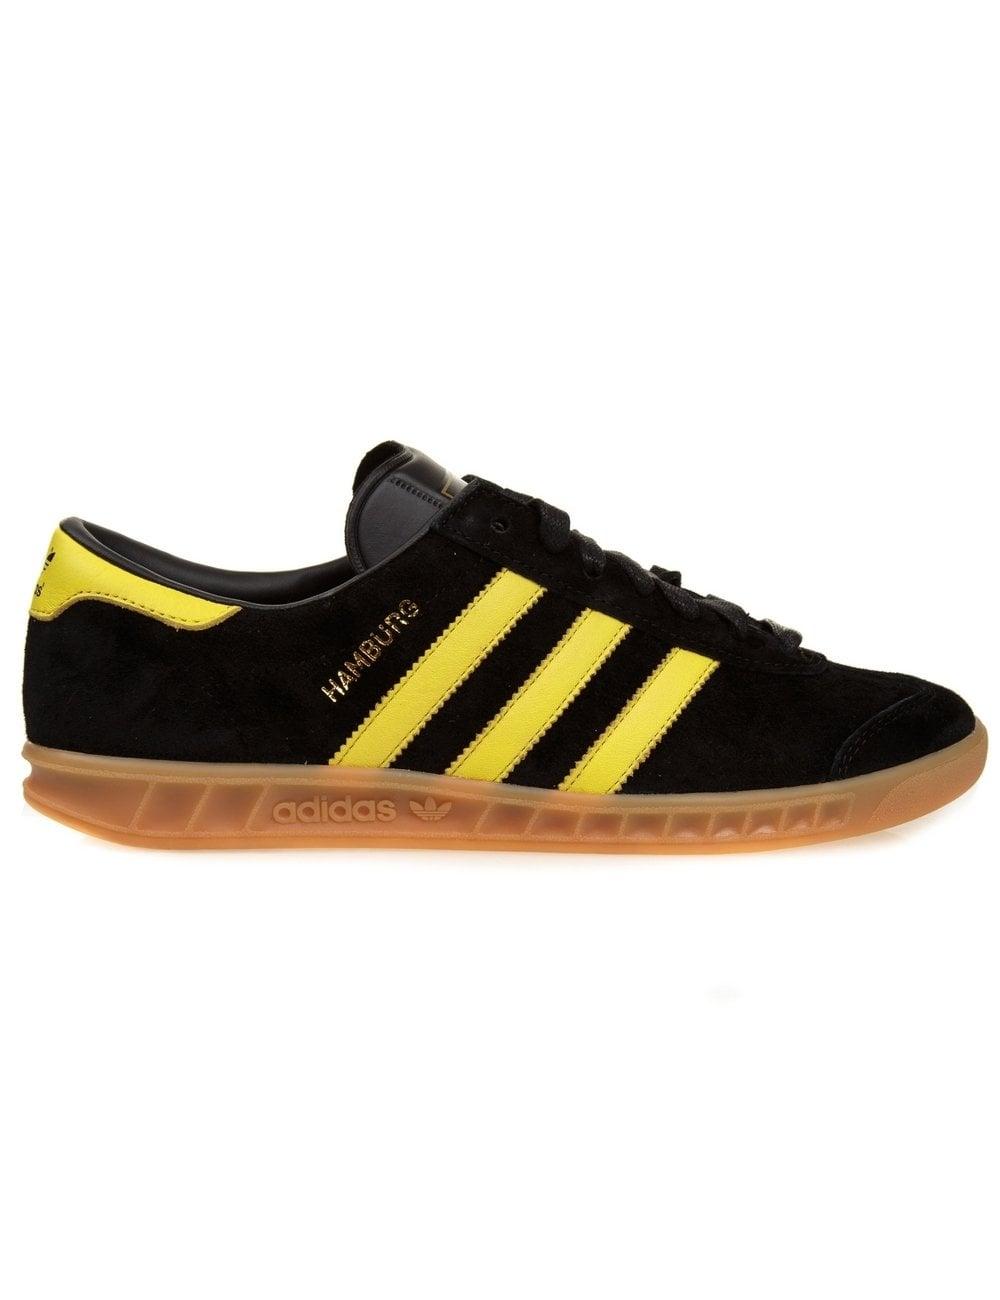 quality design 8c76c 0e6a0 Adidas Originals Hamburg - Black Yellow